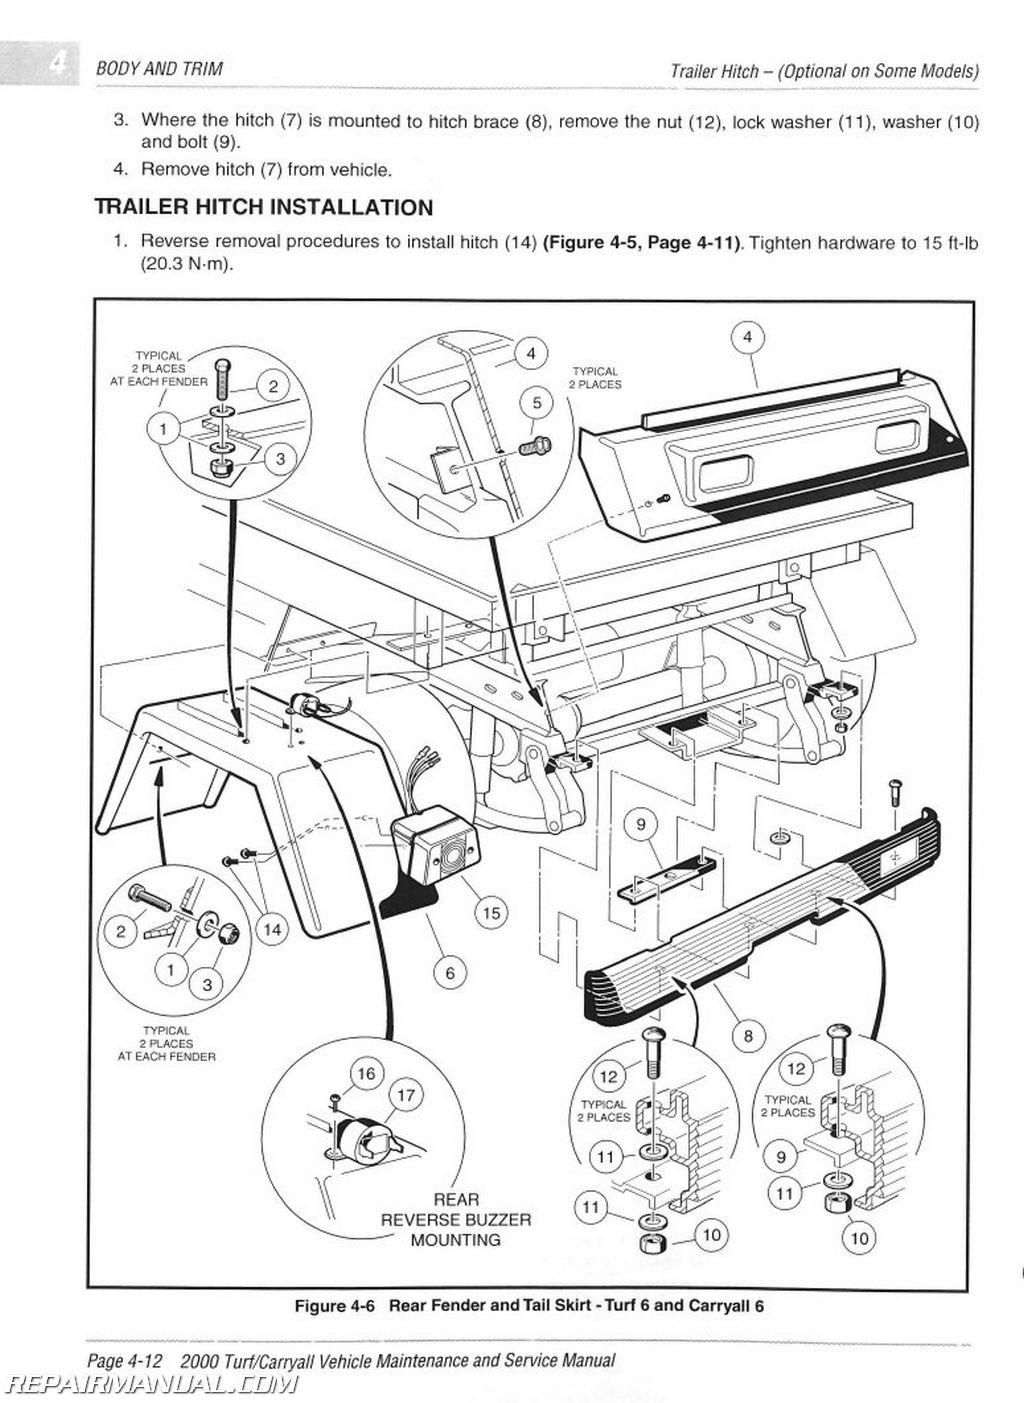 carryall wiring diagram wiring diagram 48v club car wiring diagram 48 volt club car manual wire diagrams wiring